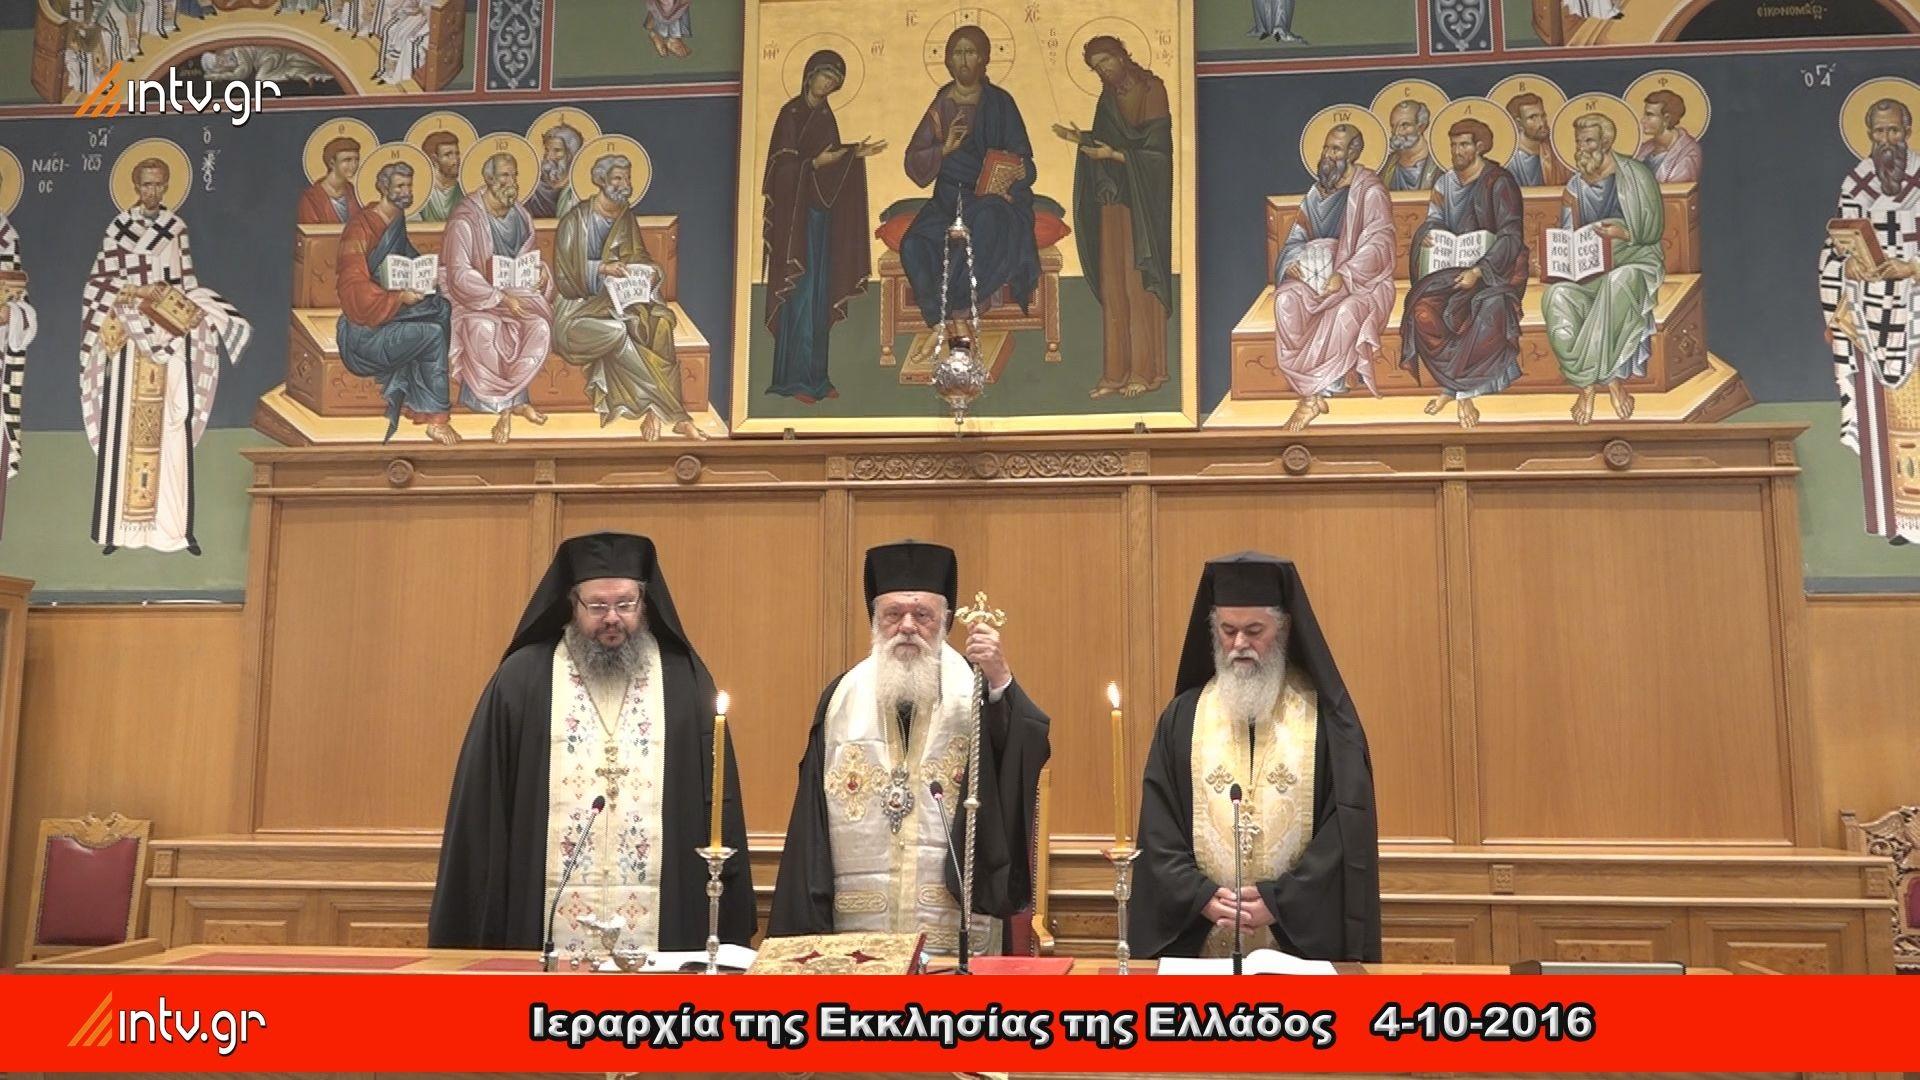 Ιεραρχία της Εκκλησίας της Ελλάδος - 4-10-2016